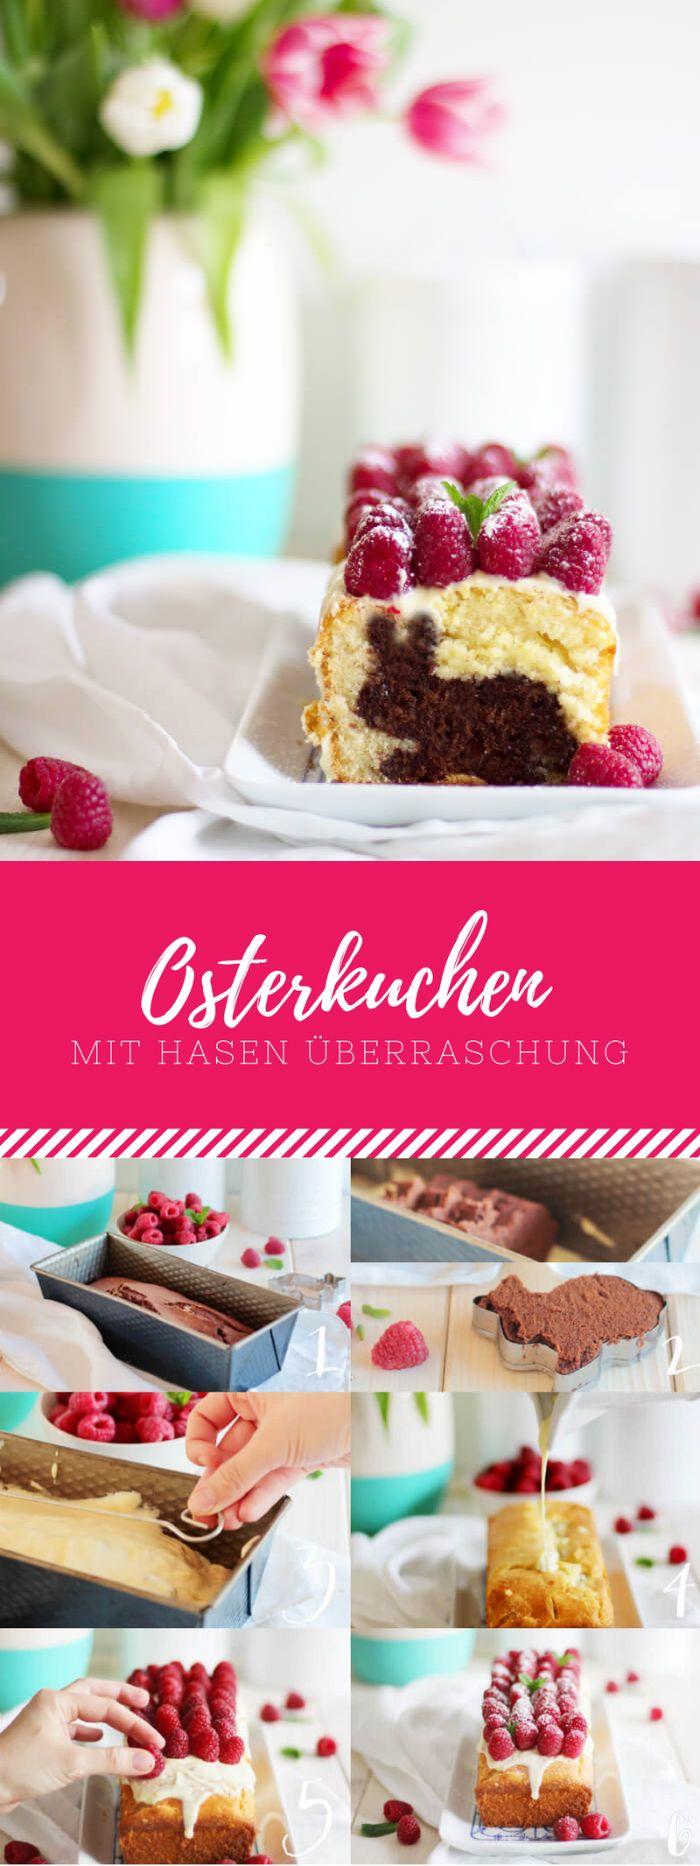 Kuchen torte mit uberraschung drin